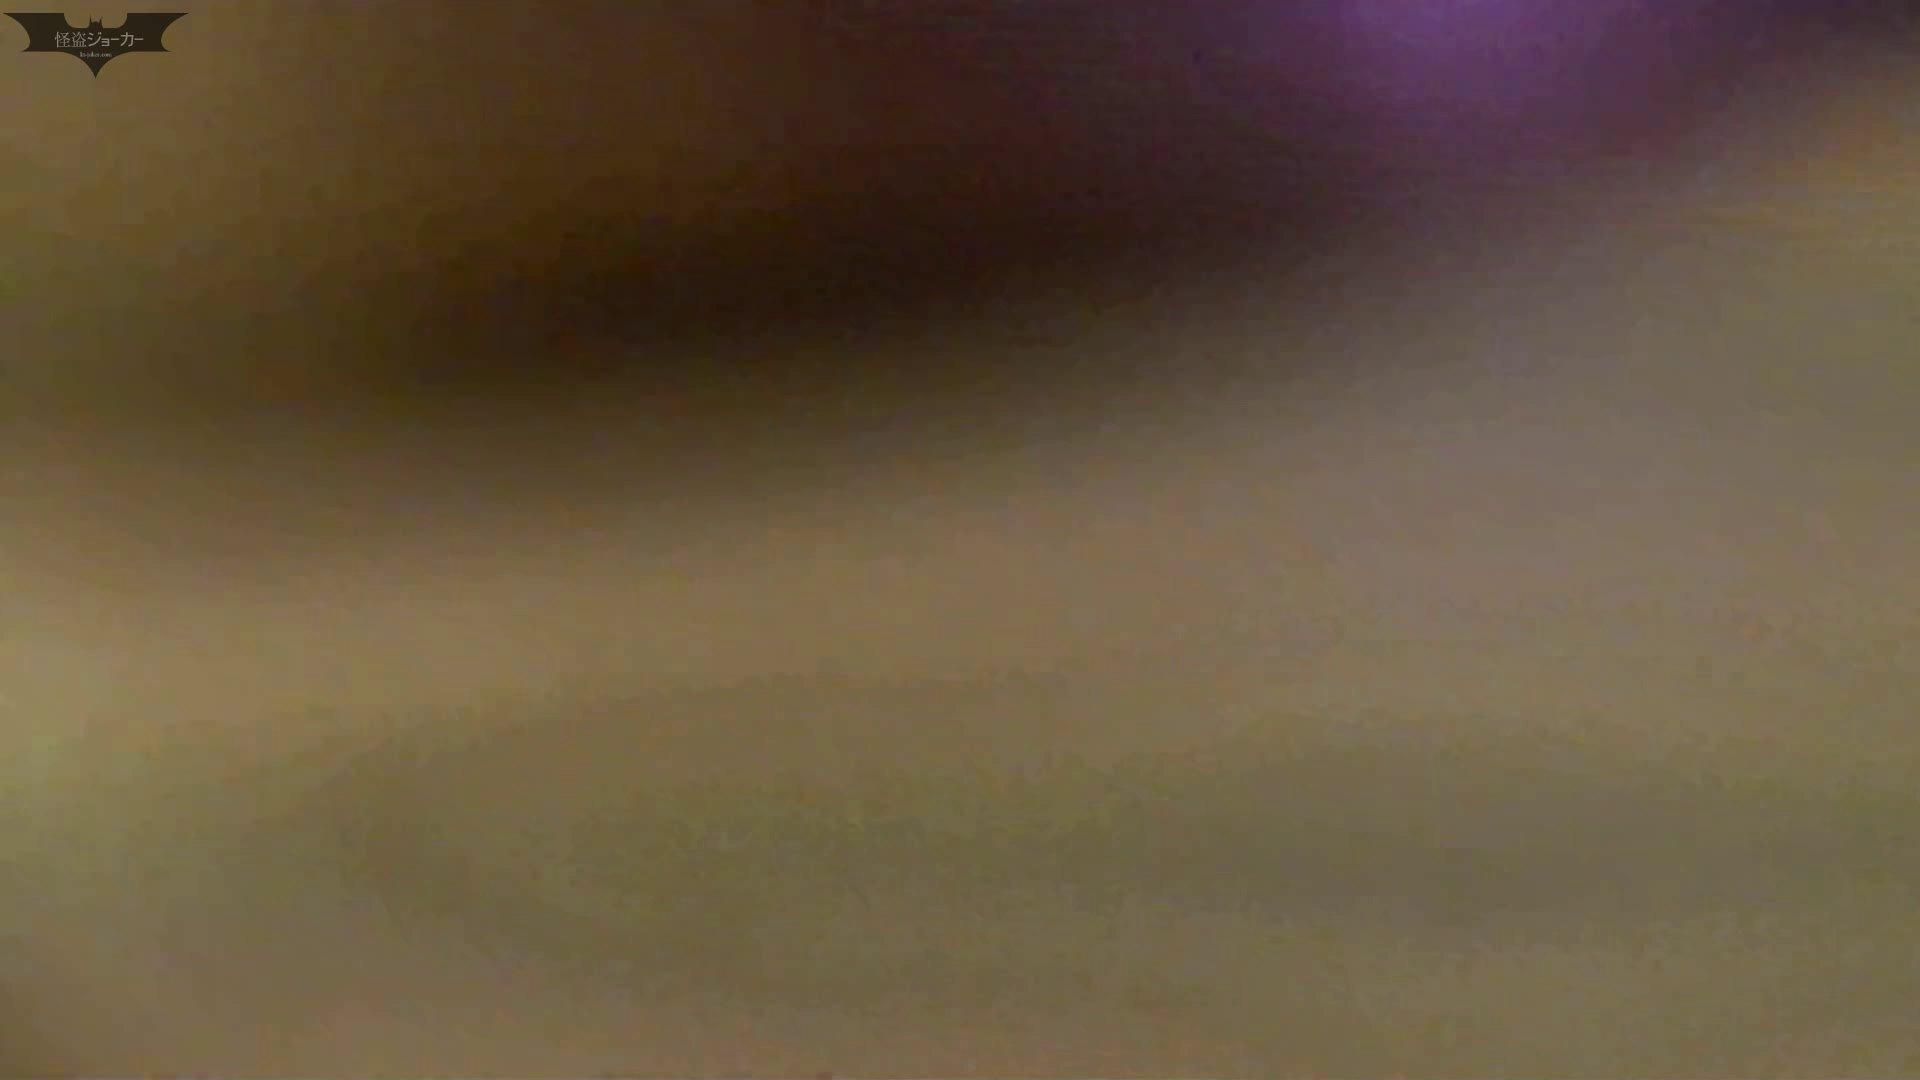 新世界の射窓 No62驚愕!!とんでもないものが出ている 丸見えマンコ | 高画質  113画像 35